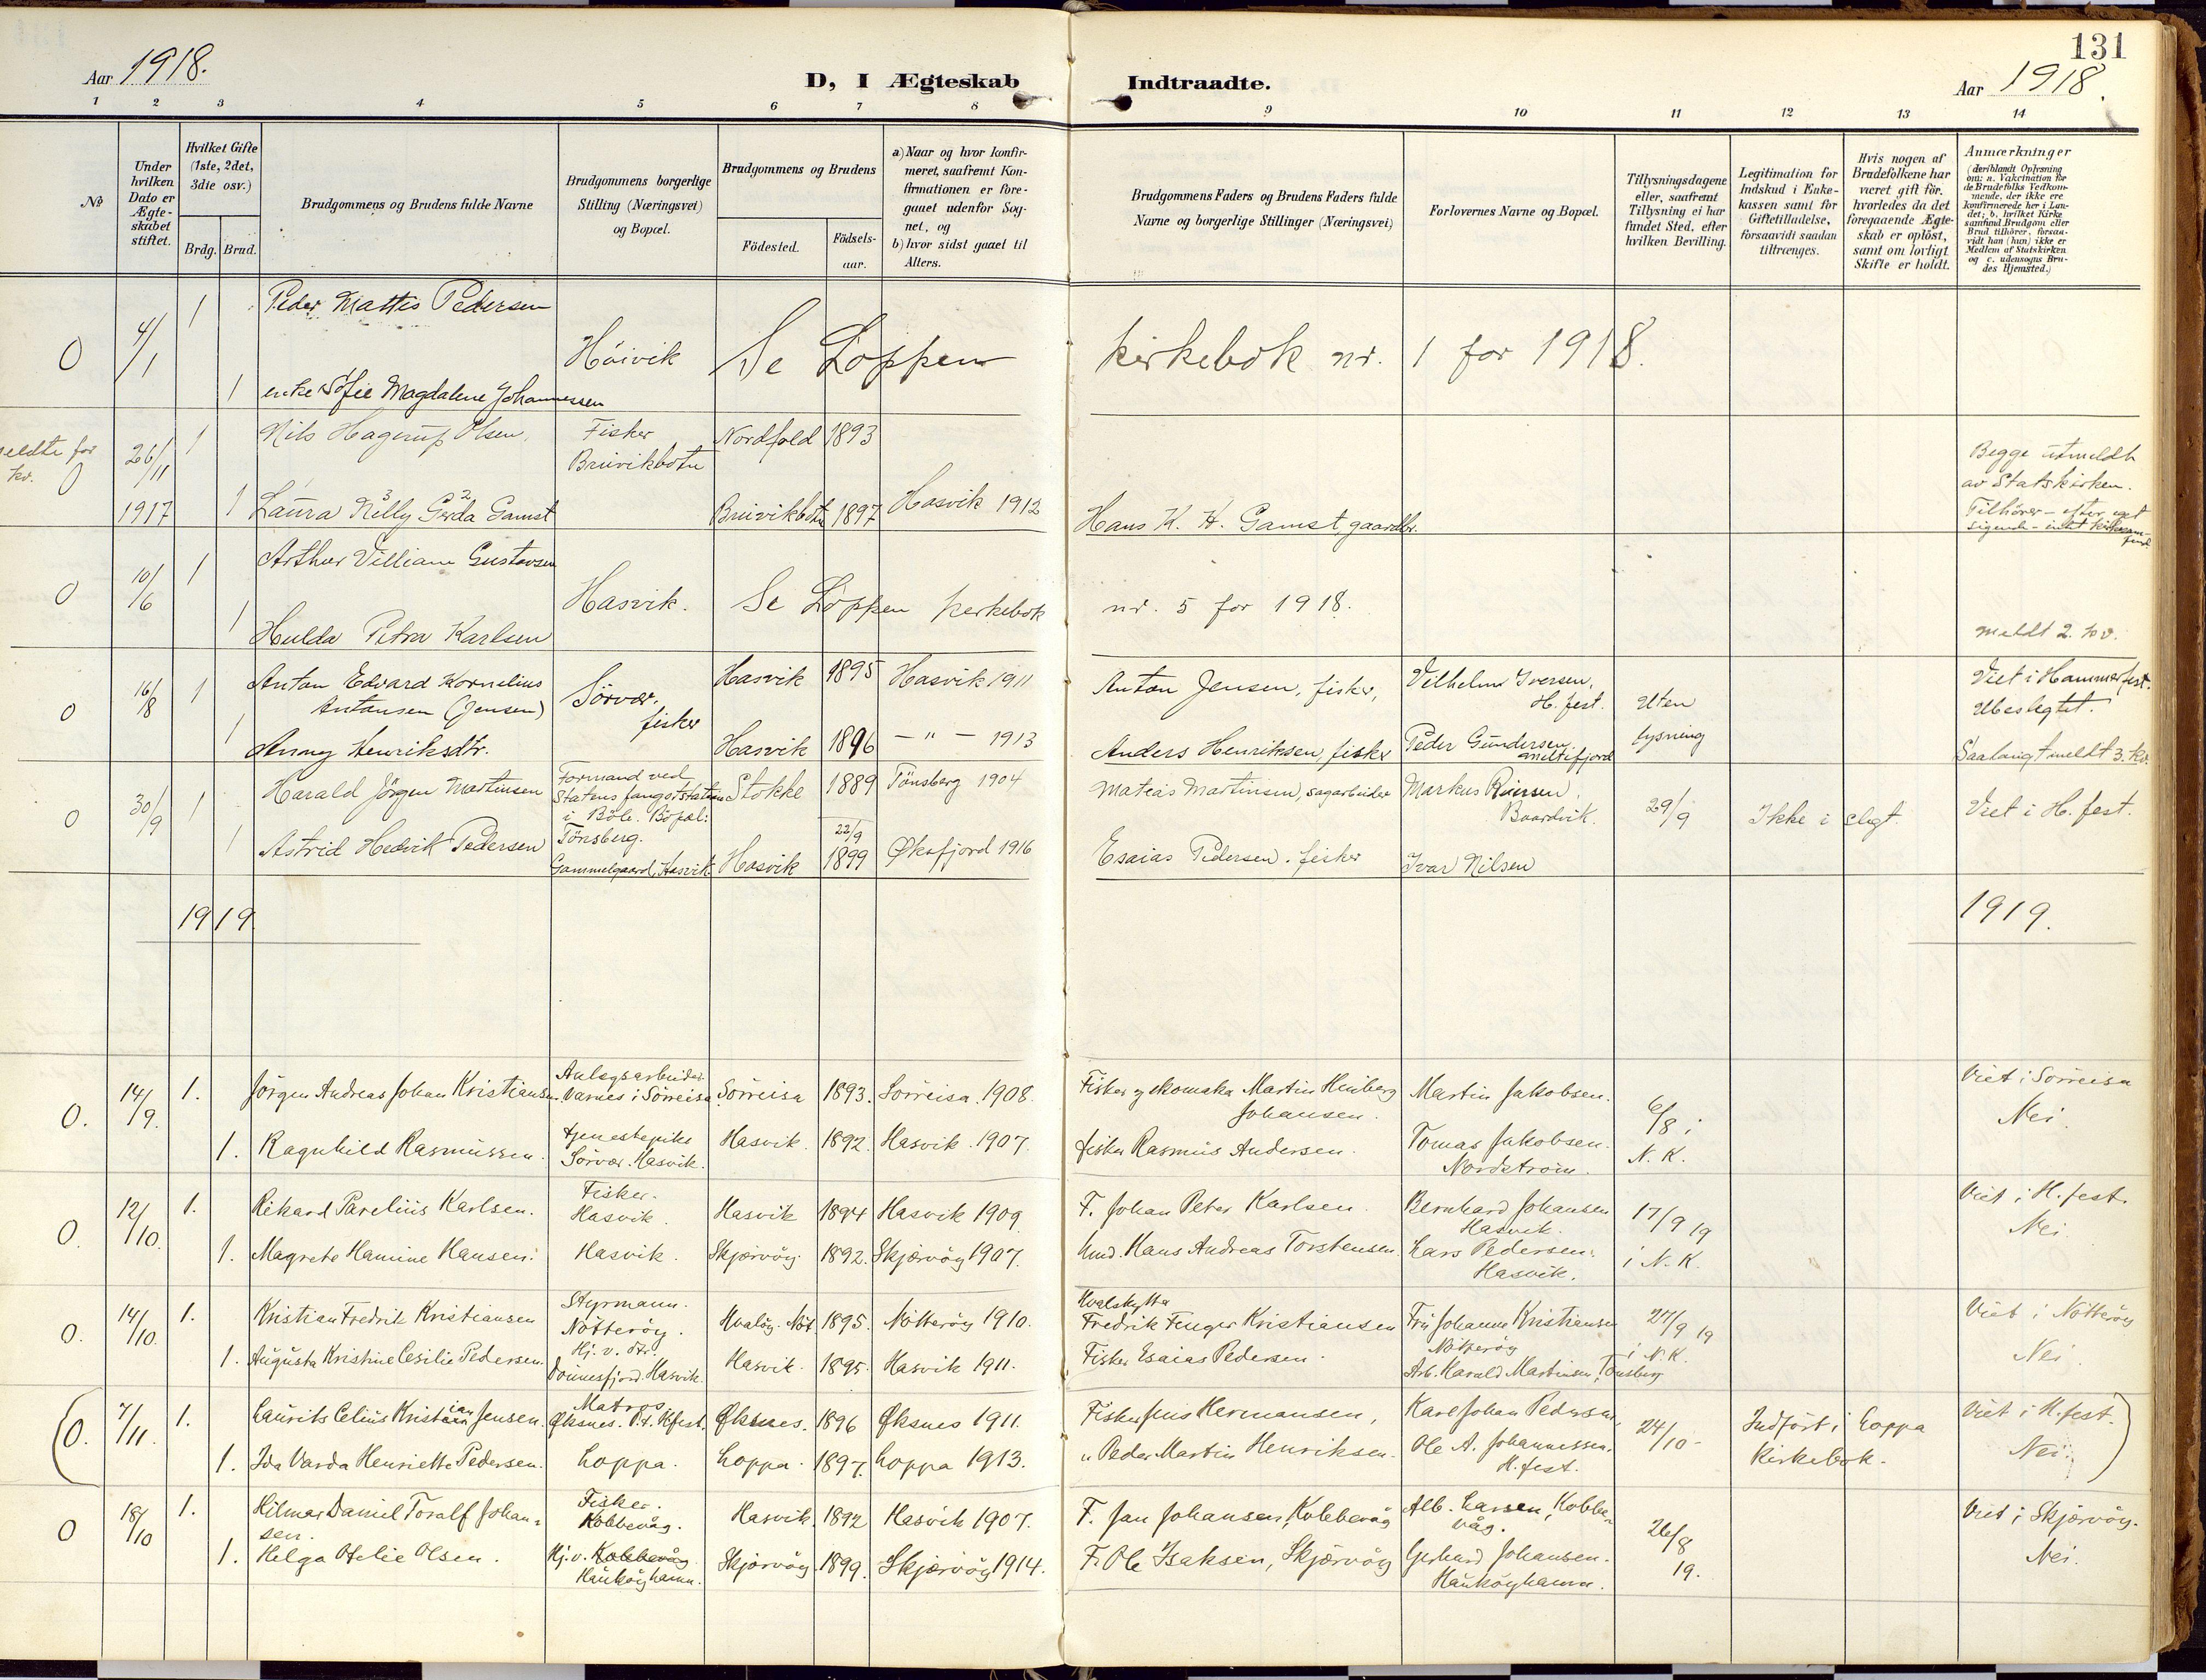 SATØ, Loppa sokneprestkontor, H/Ha/L0010kirke: Ministerialbok nr. 10, 1907-1922, s. 131